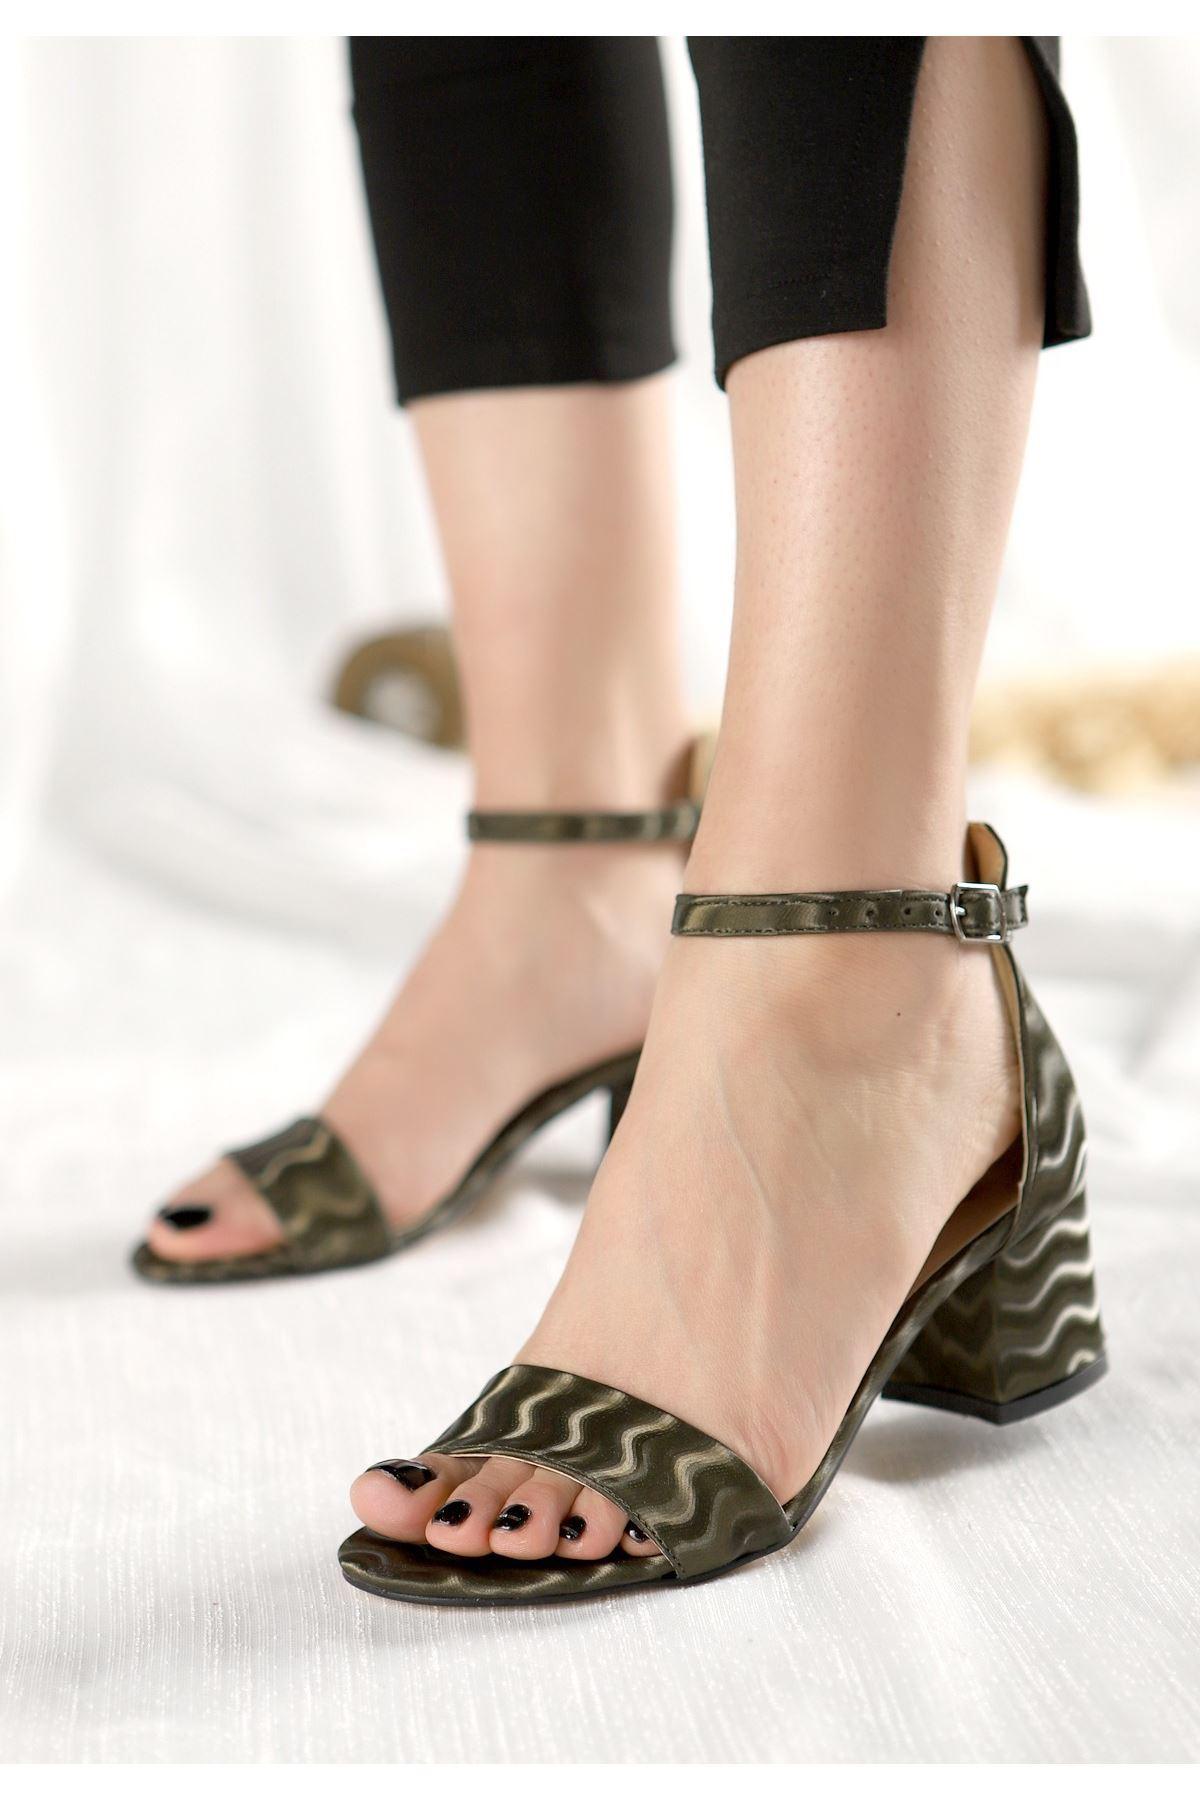 Epon Haki Yeşil Süet Desenli Tek Bant Topuklu Ayakkabı